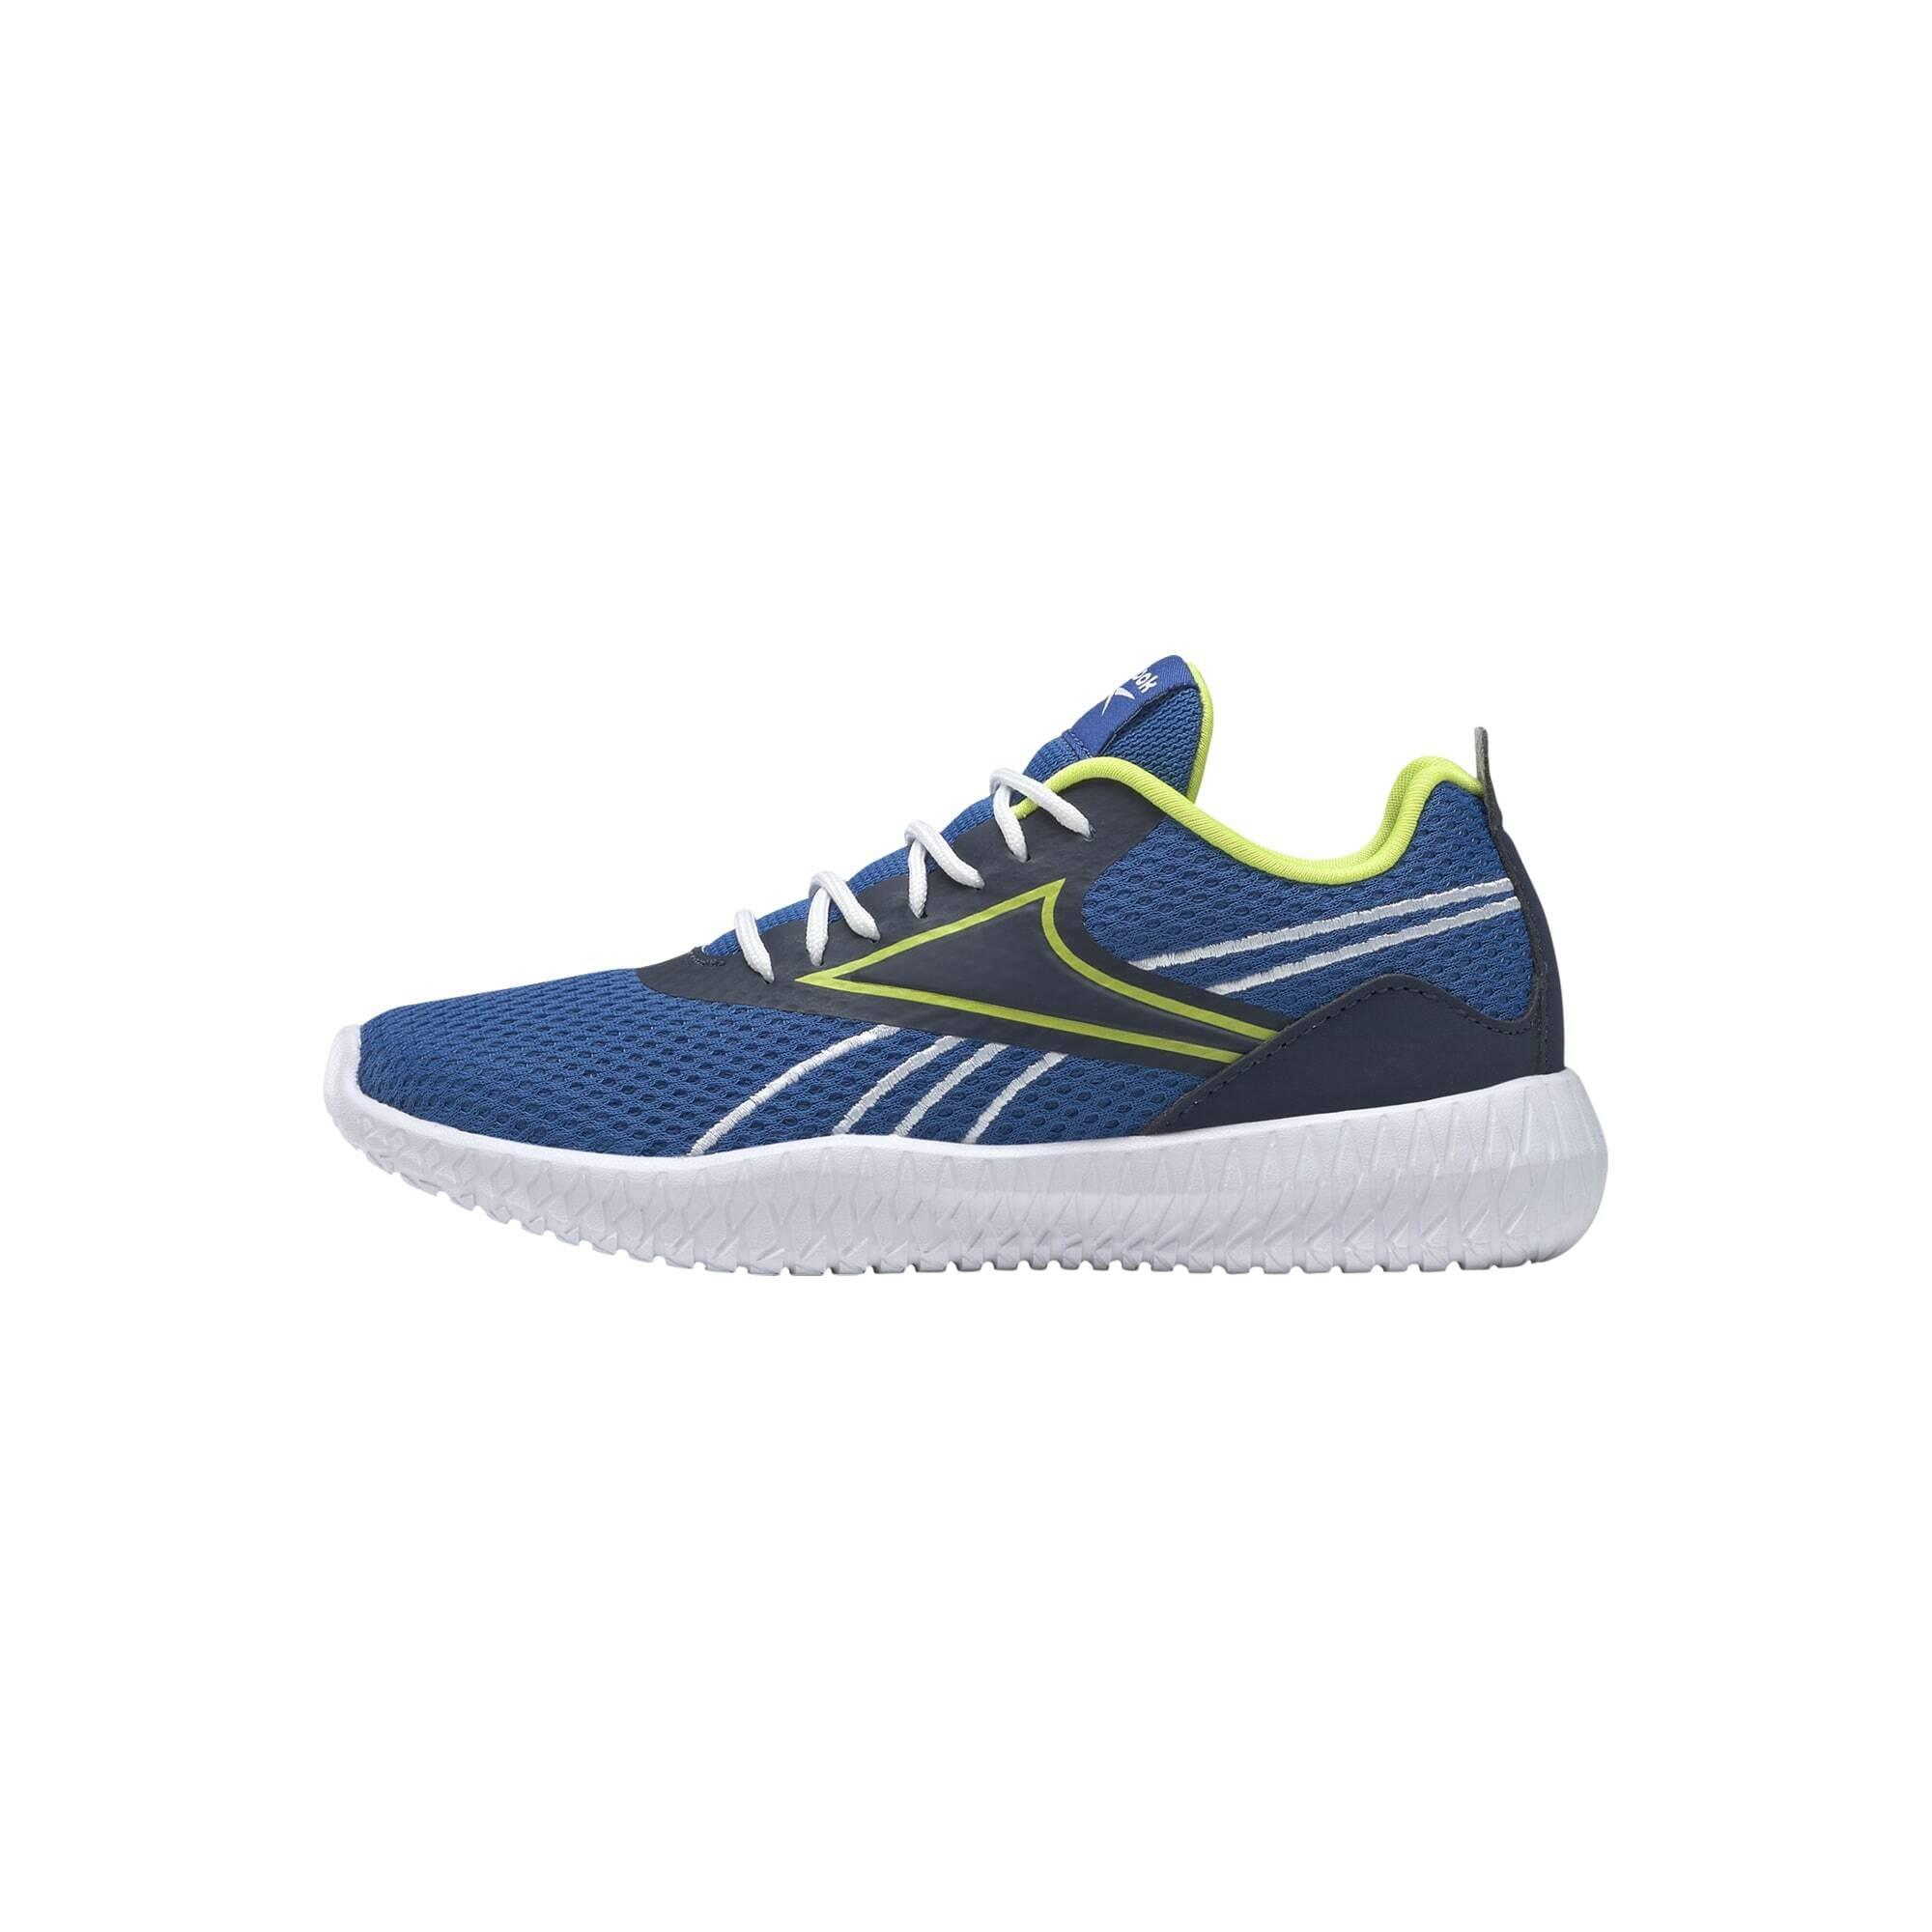 REEBOK Sportiniai batai 'Flexagon Energy' mėlyna / tamsiai mėlyna / neoninė geltona